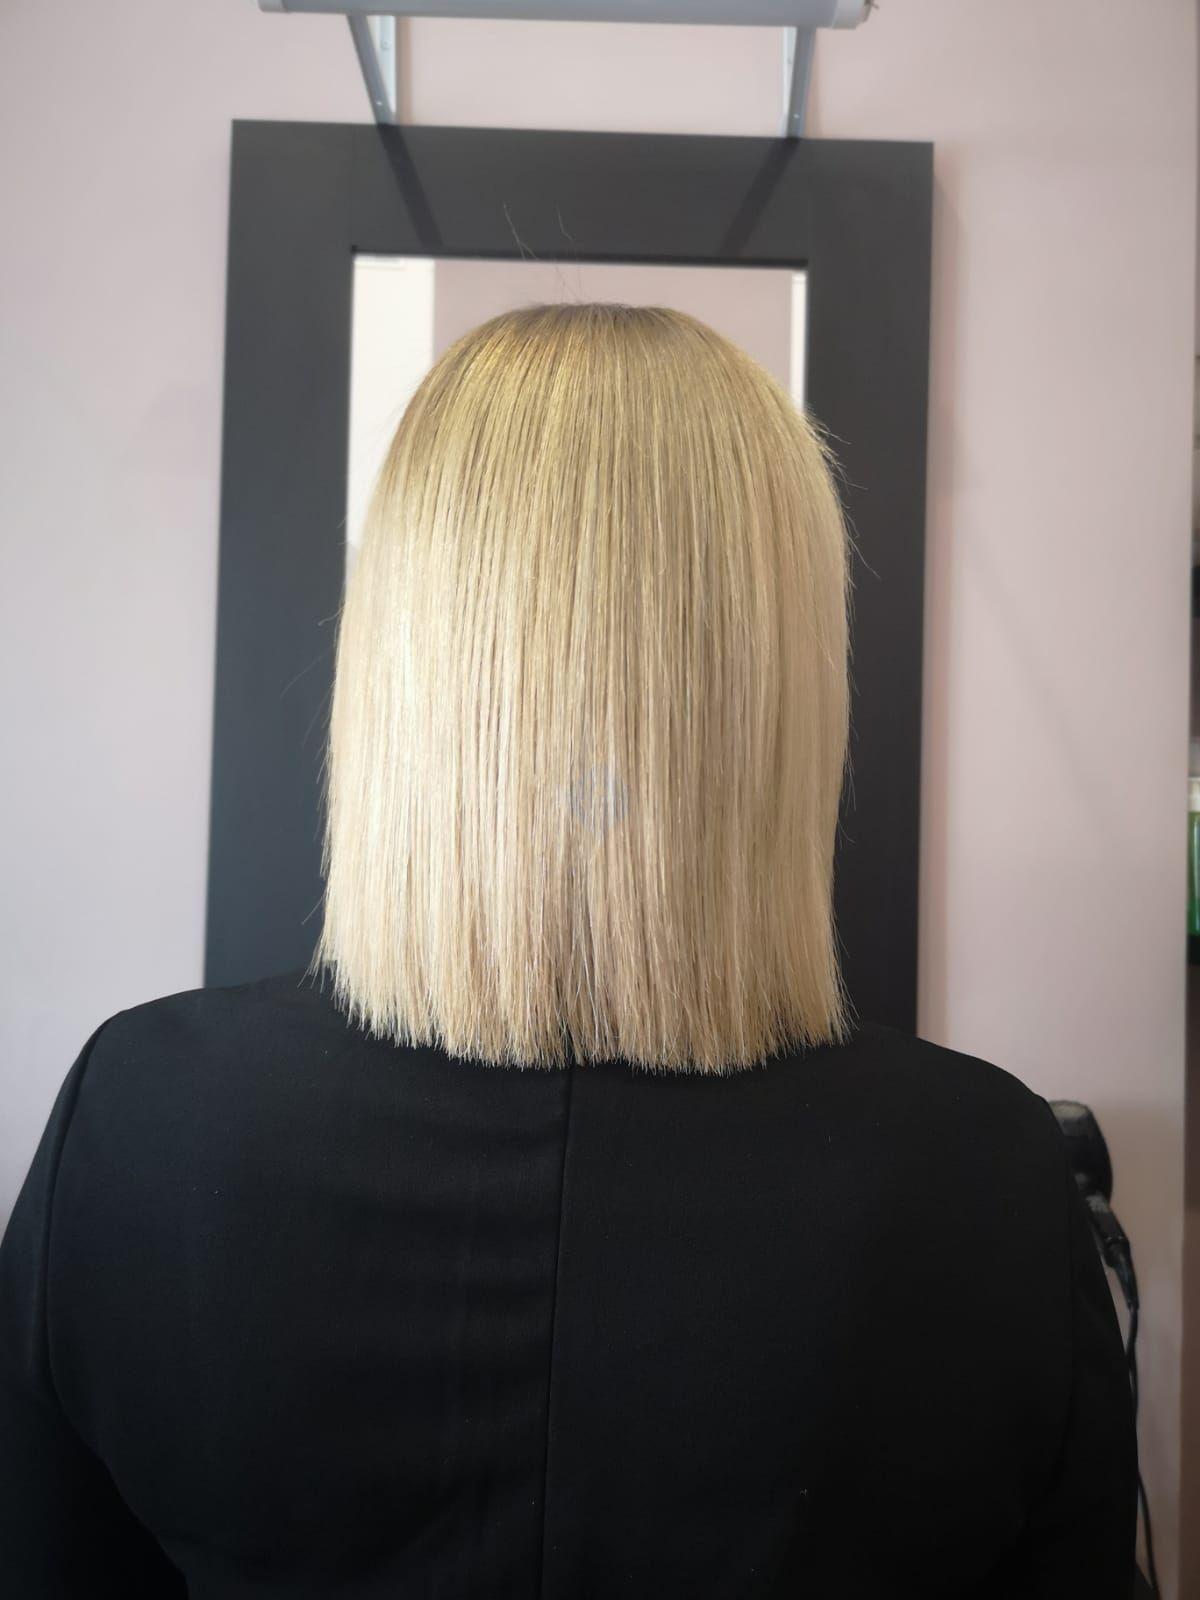 Extensiones de cabello y mechas para una medio melena espectacular.